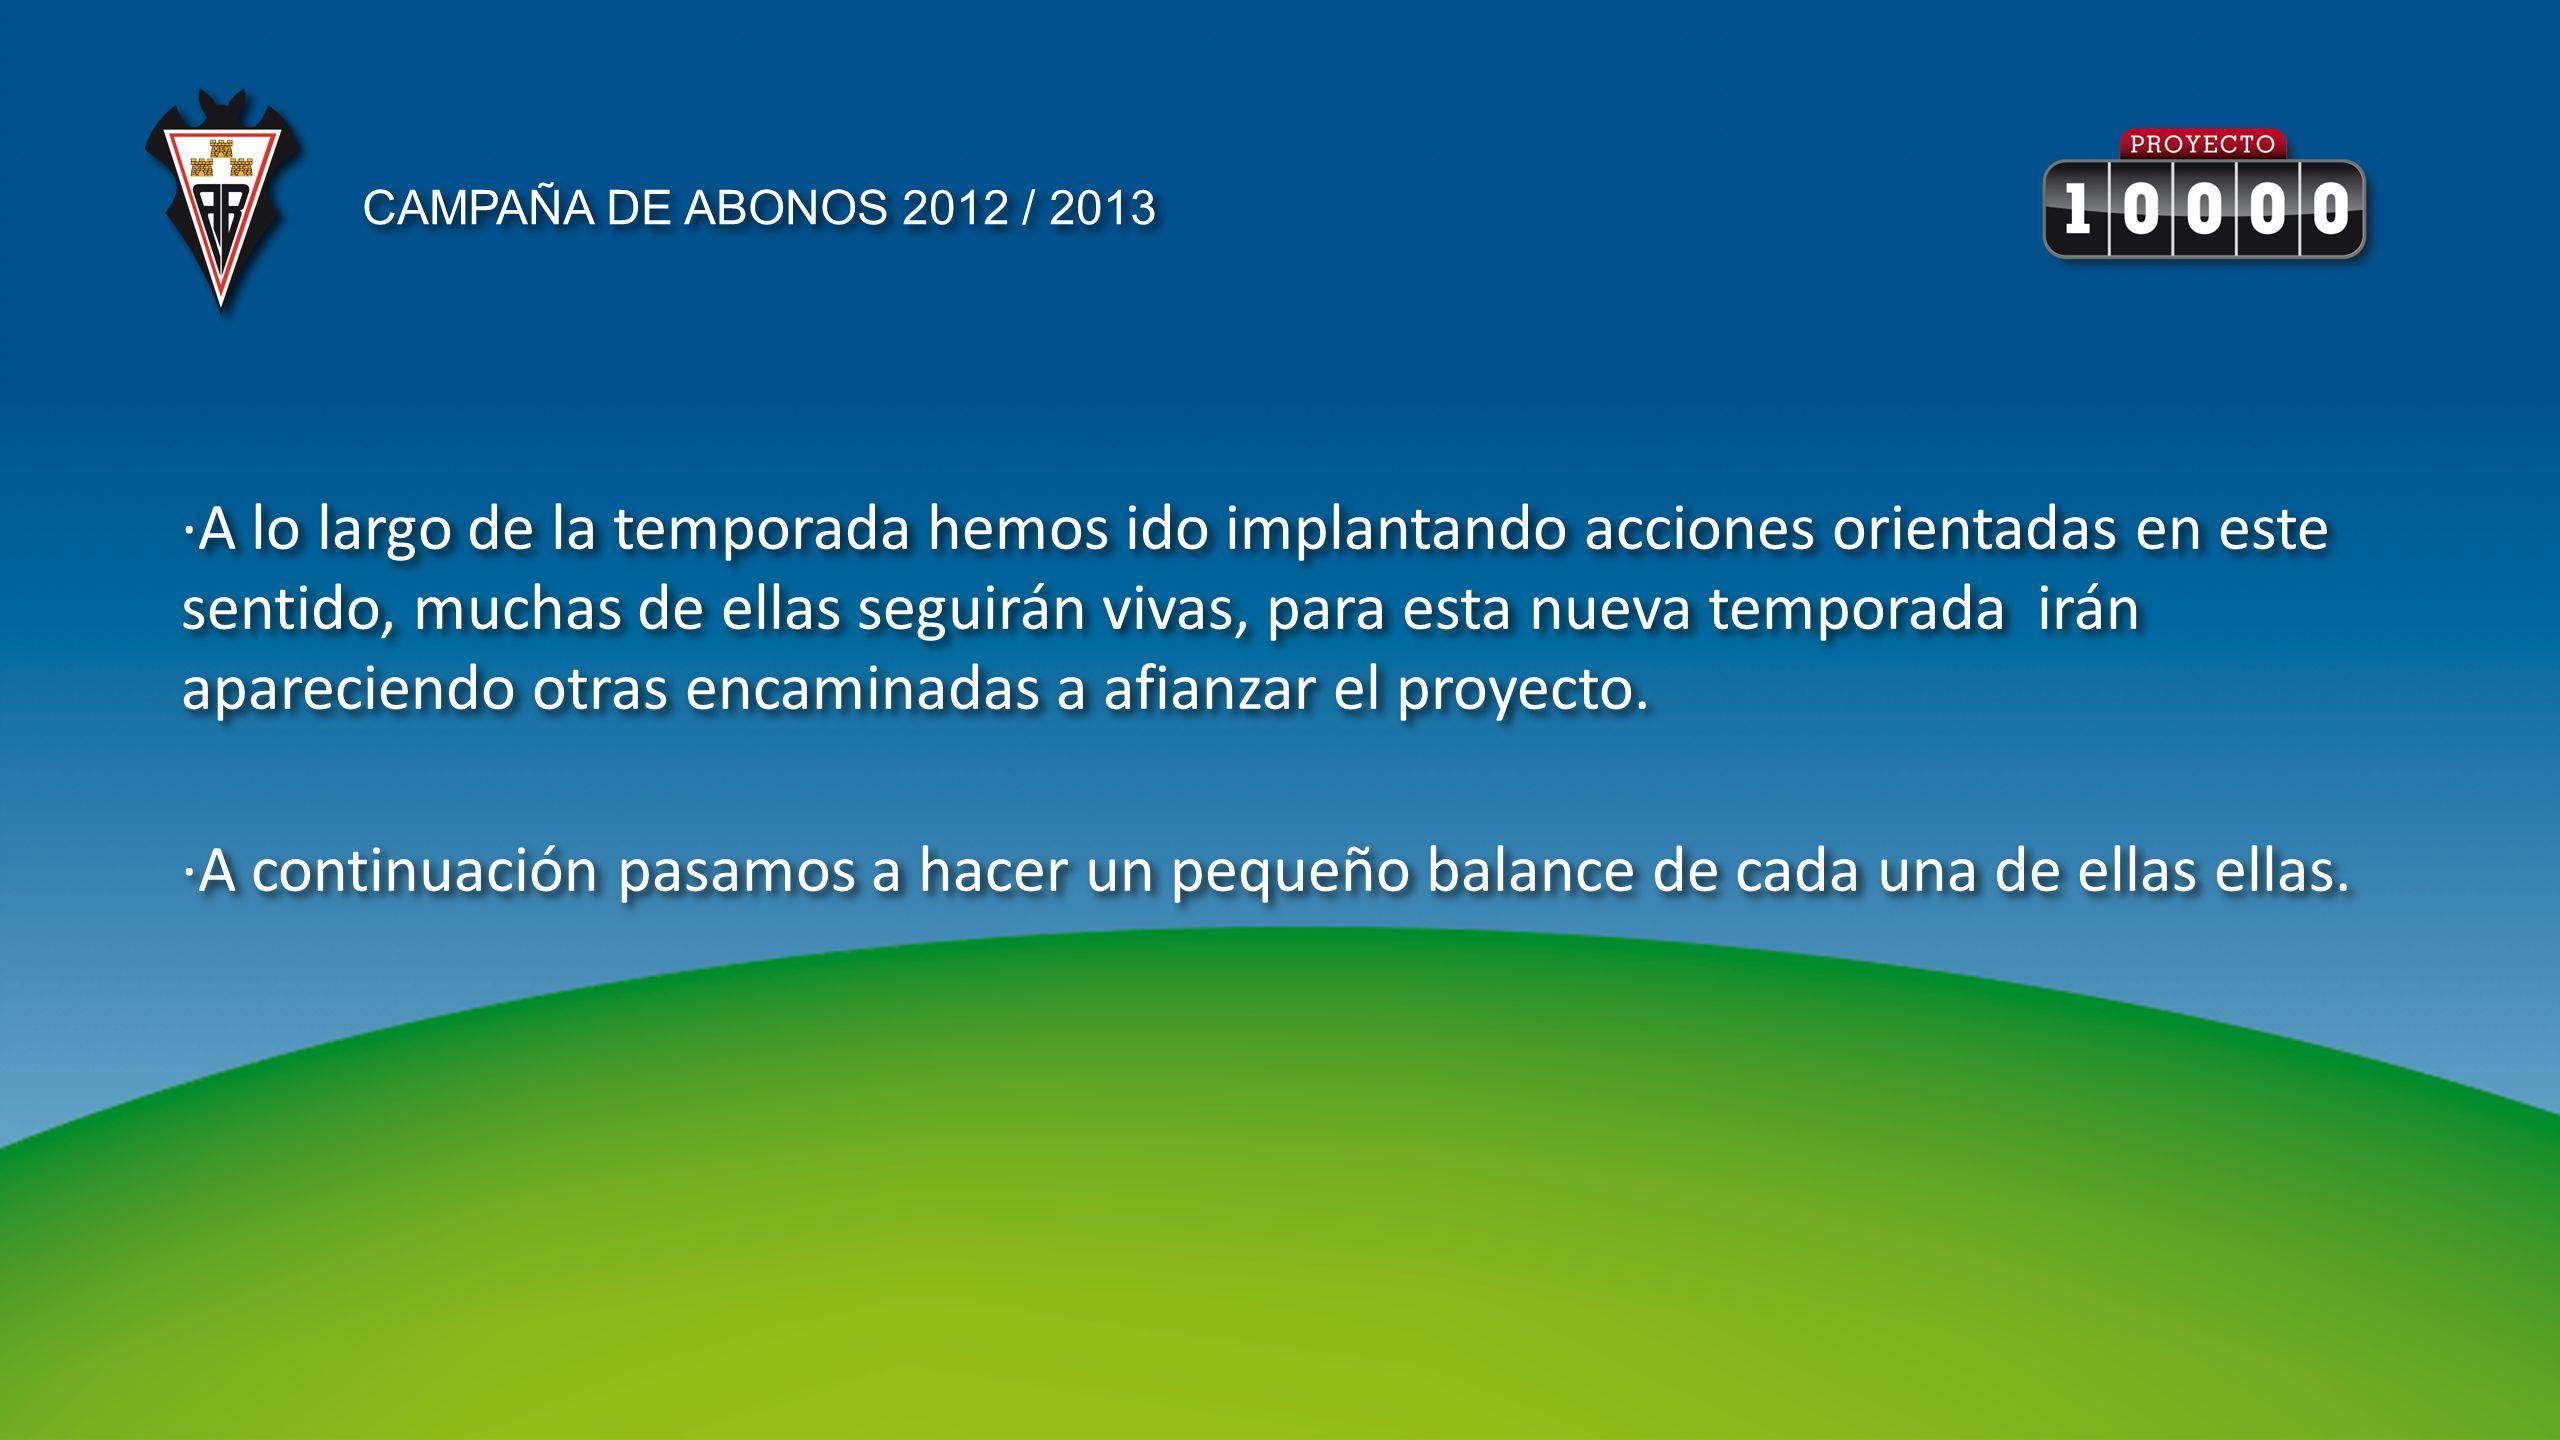 EJEMPLOS TEMPORADA 2011-2012 INCLUIA TEMPORADA 2112- 2013 VENTAJA (CUALQUIER ZONA ) ADULTO EN PREFERENCIA335 ( +90 PARTIDOS DE COPA)LIGA, 50% COPA Y PLAY OFF 200225 MENOS JOVEN EN TRIBUNA100 ( +60 PARTIDOS COPA)LIGA, 50% COPA Y PLAY OFF 100 60 MENOS.